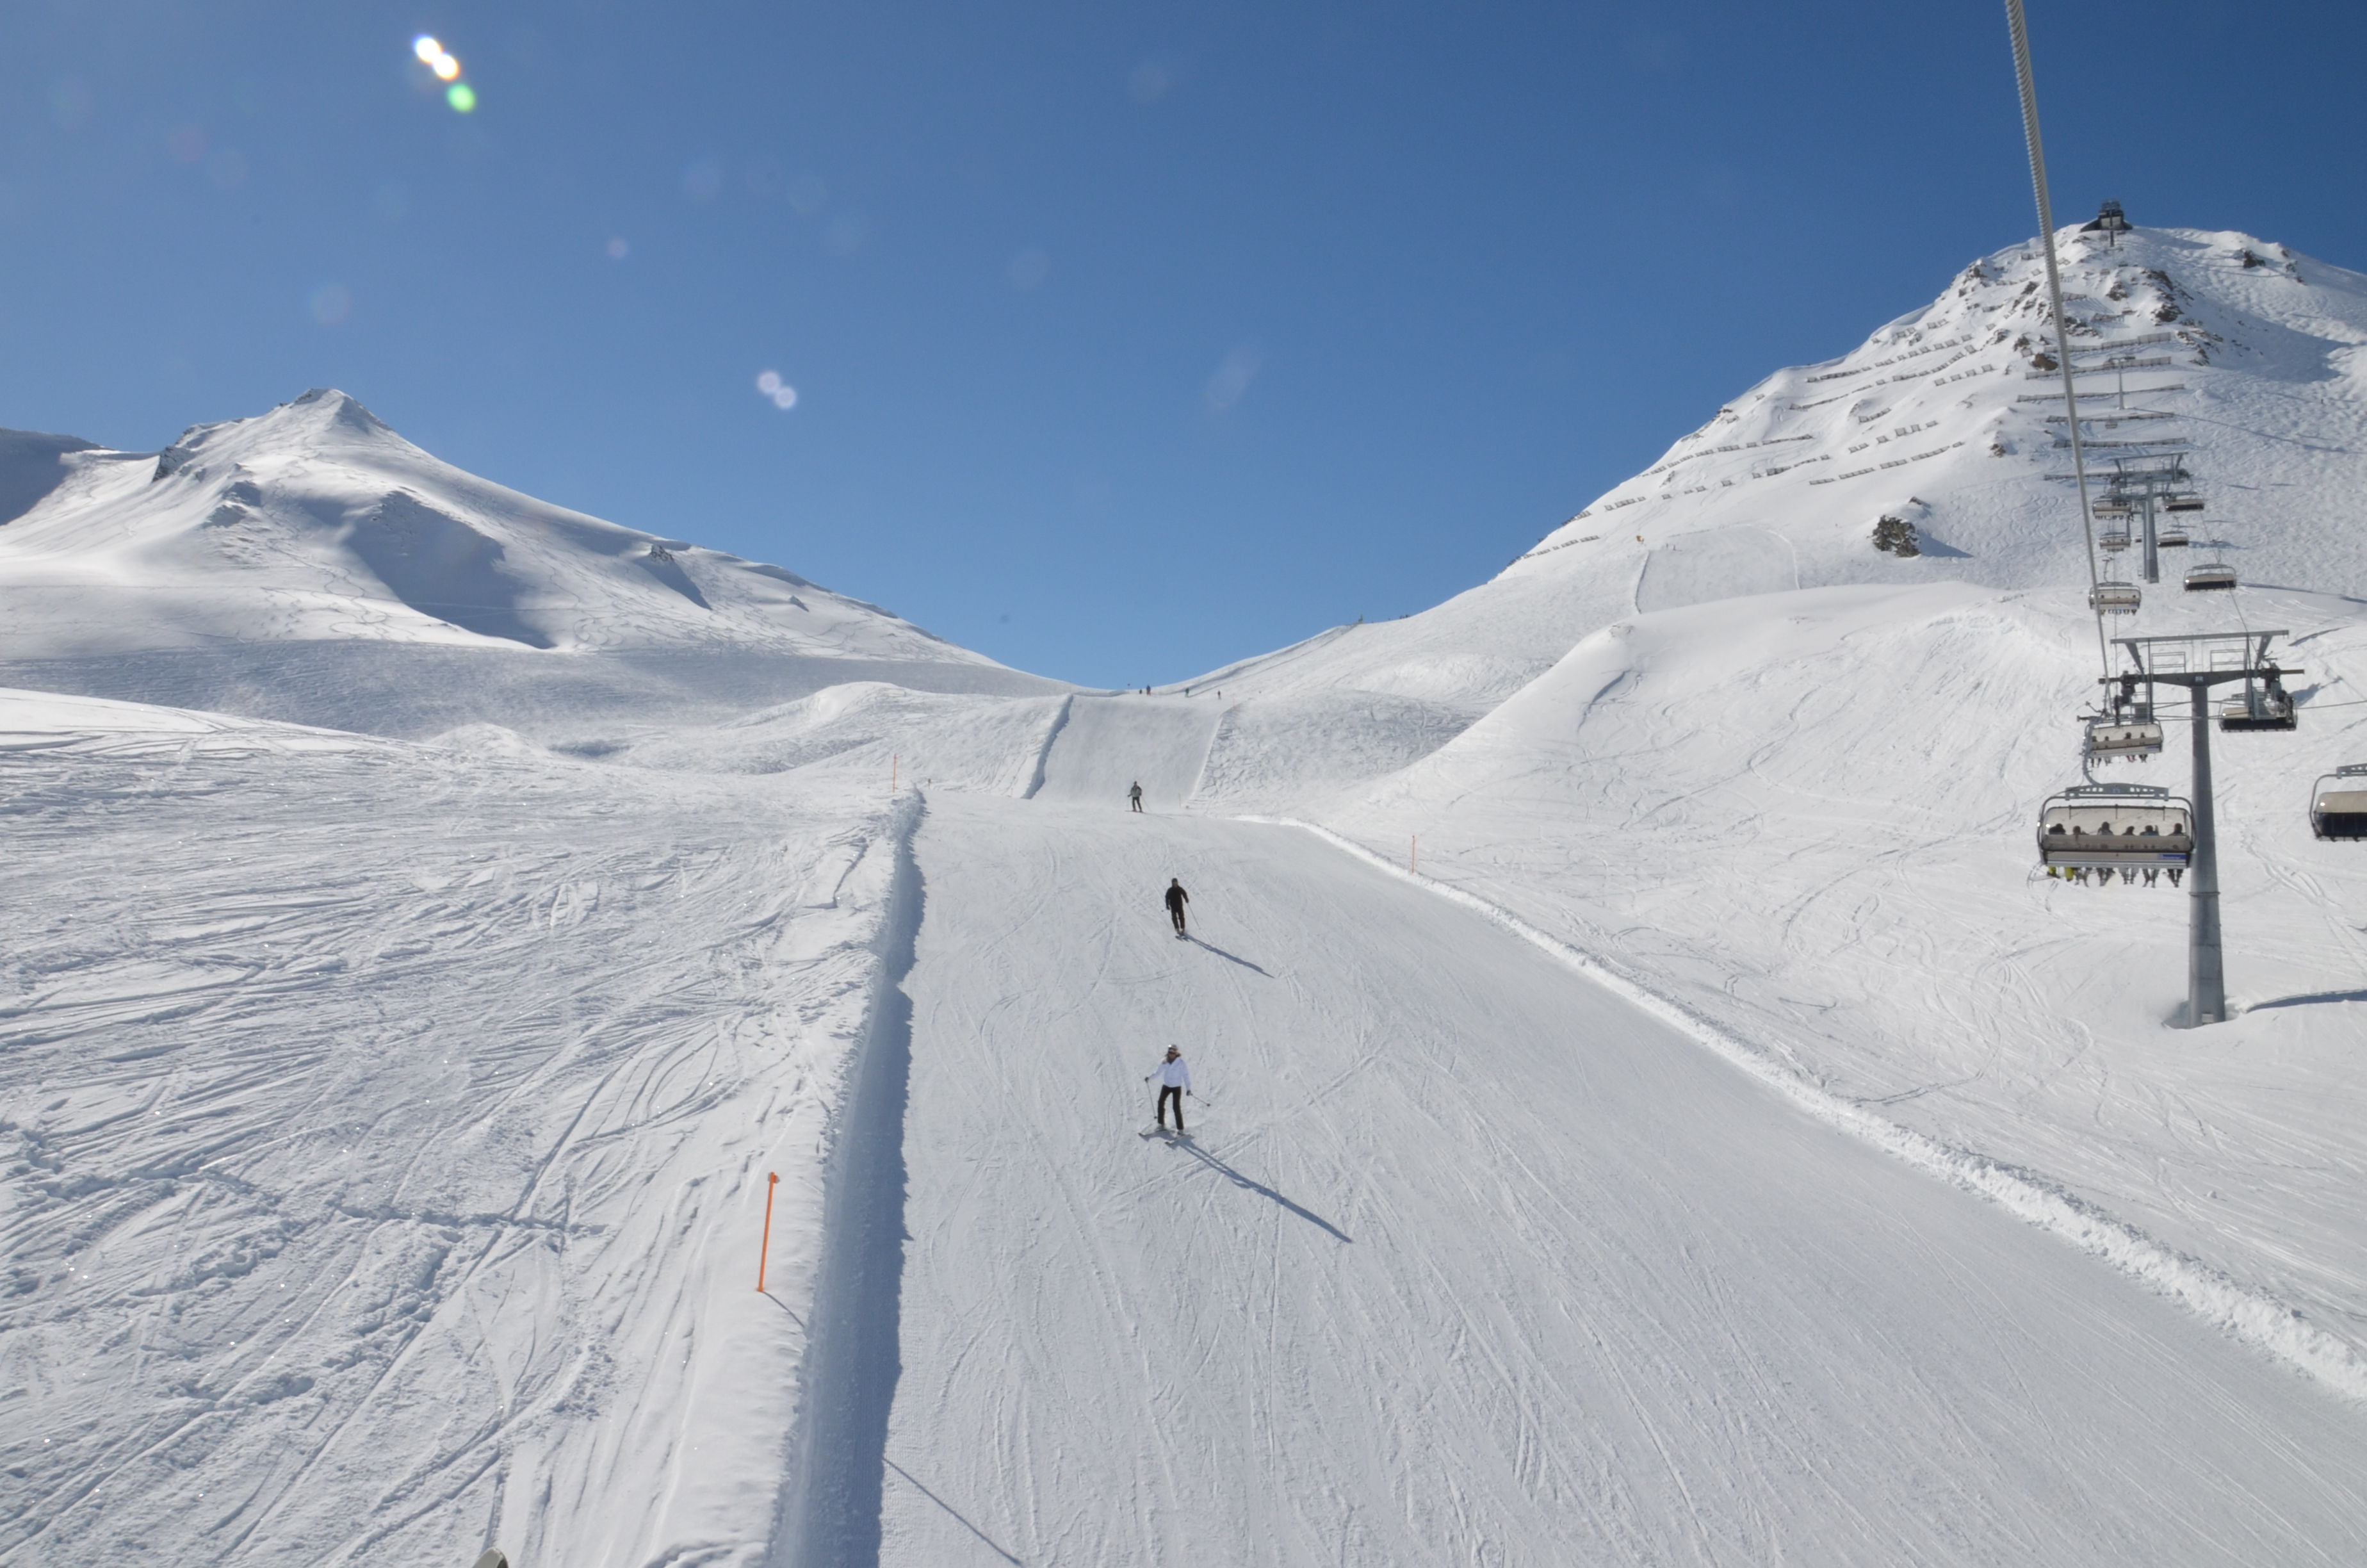 Vanno a sciare e lasciano i bambini in auto, quello che accade dopo è sconcertante